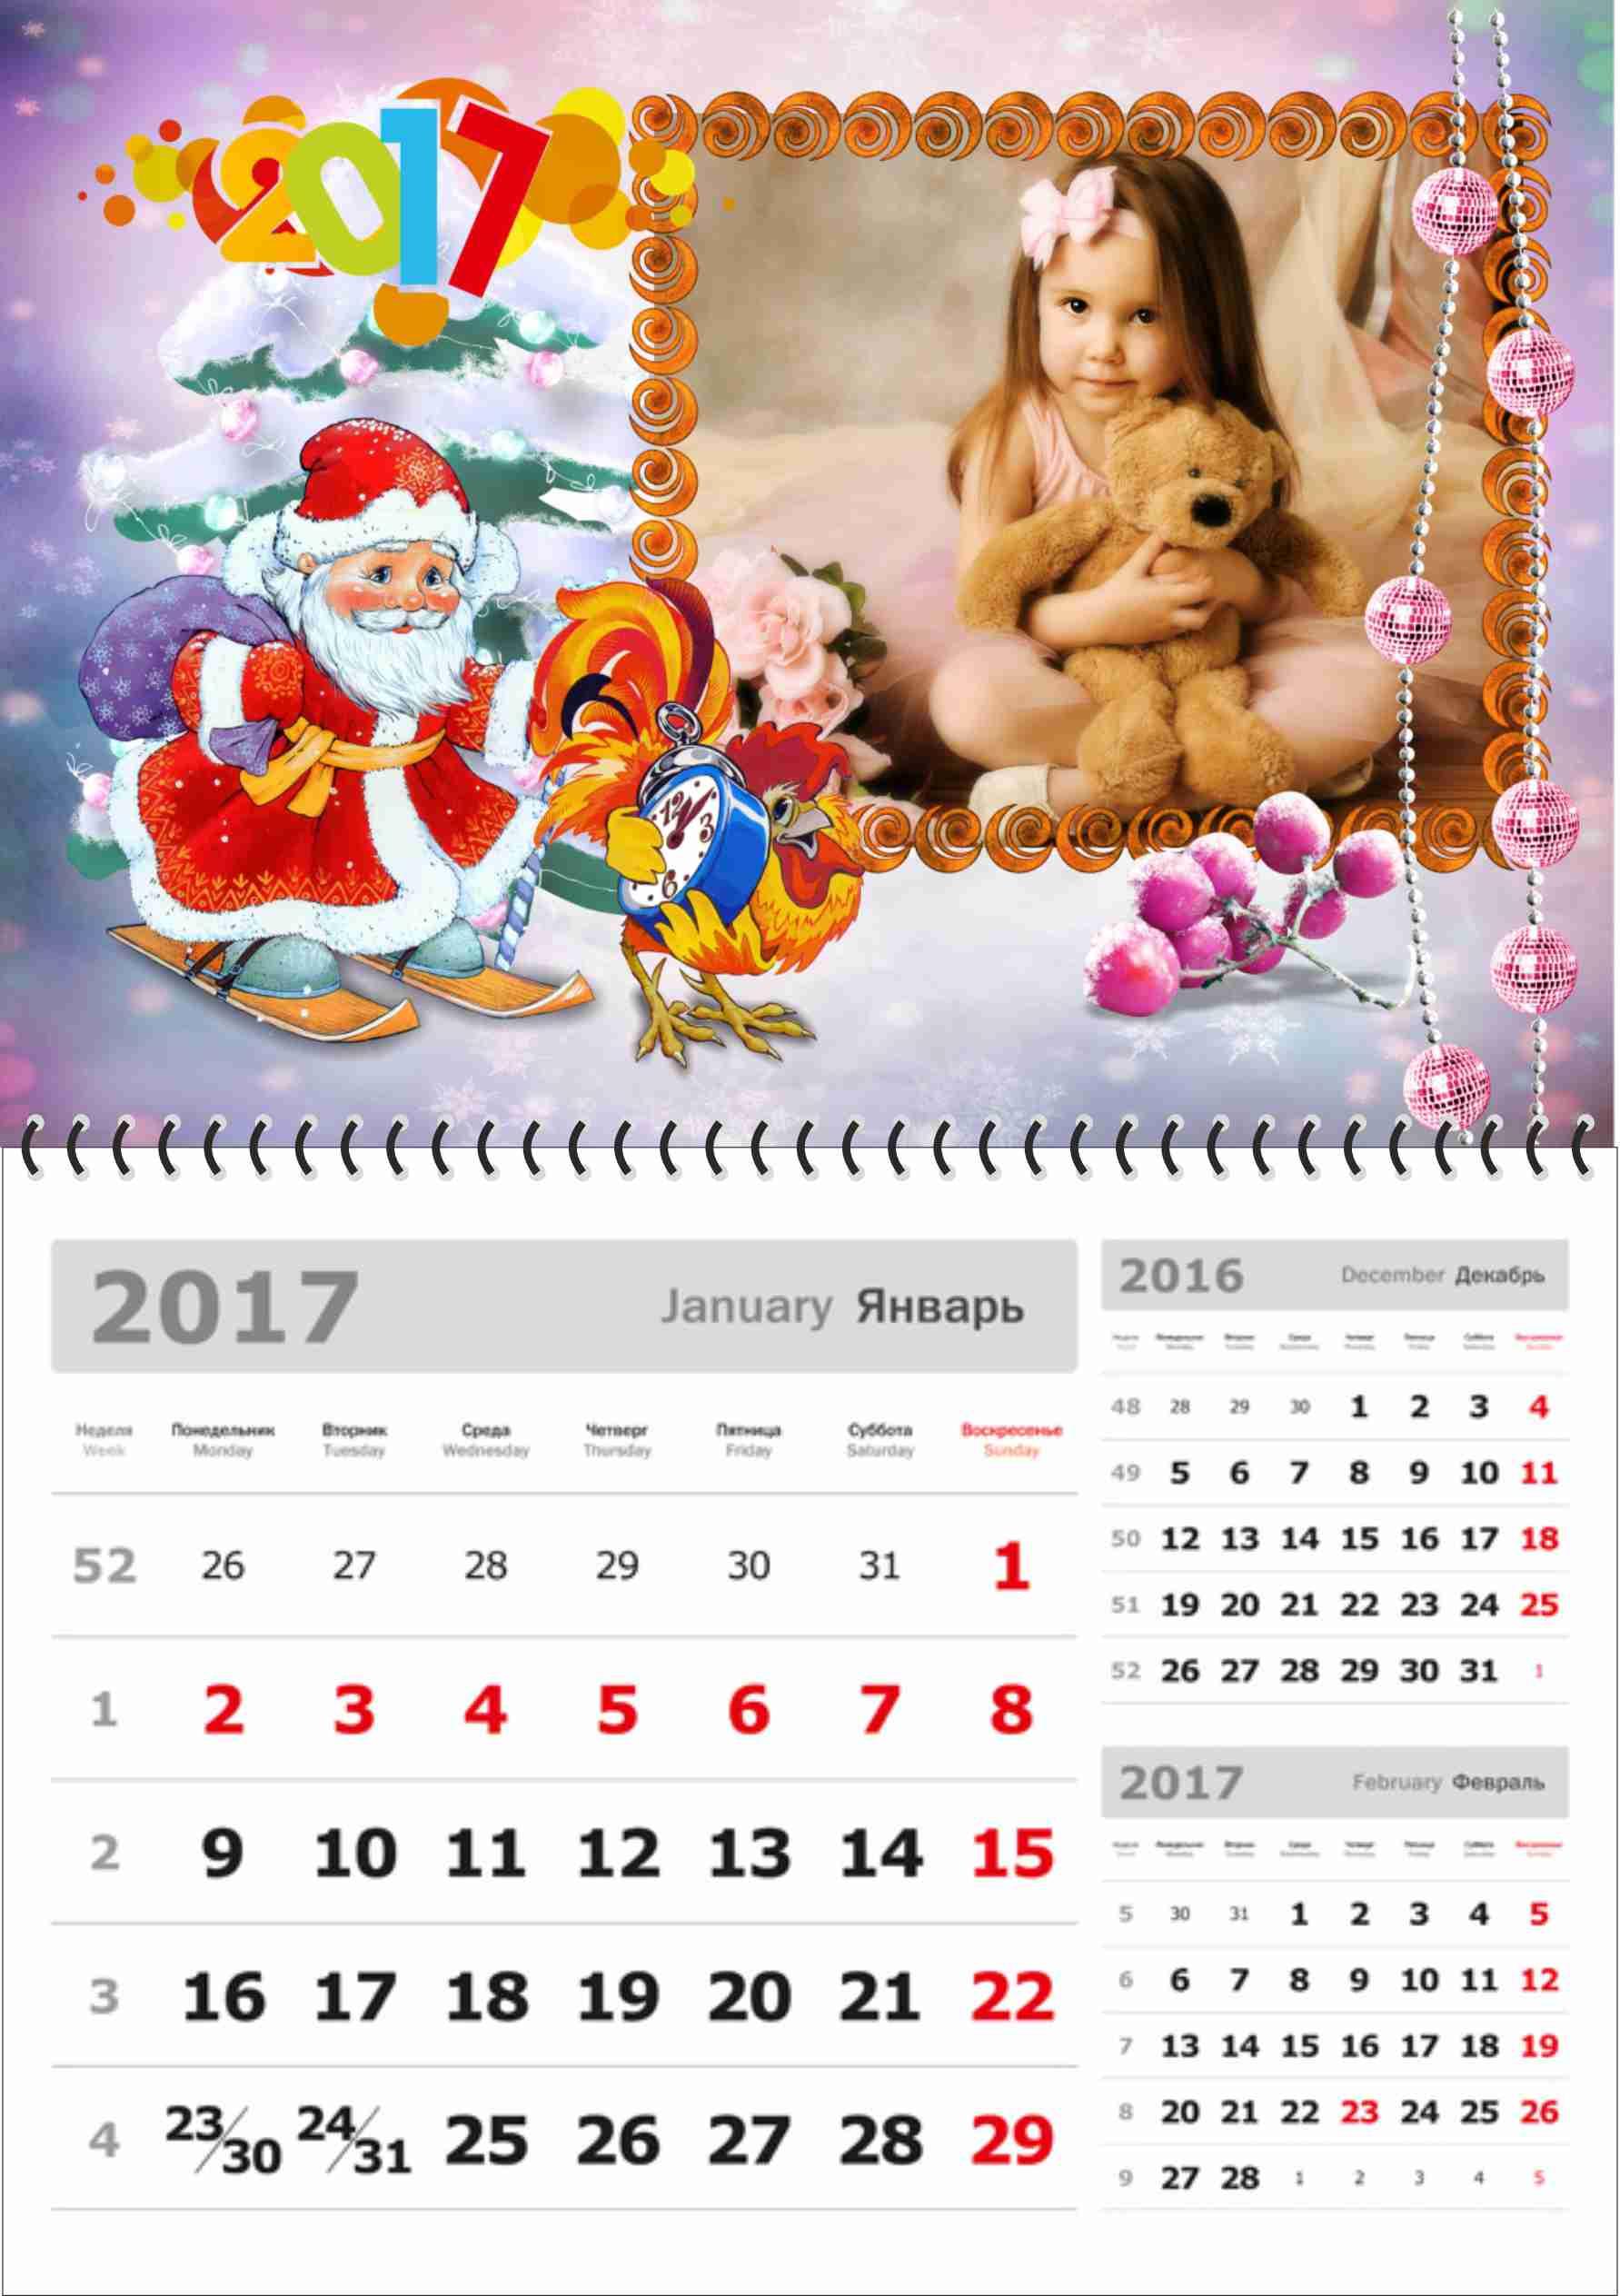 Подари ребенку сказку-4.Письмо от Деда Мороза по цене прошлого года 95 руб за комплект, новогодние этикетки на шампанское, календари настенные на пружине с Вашей фотографией от 130 руб.